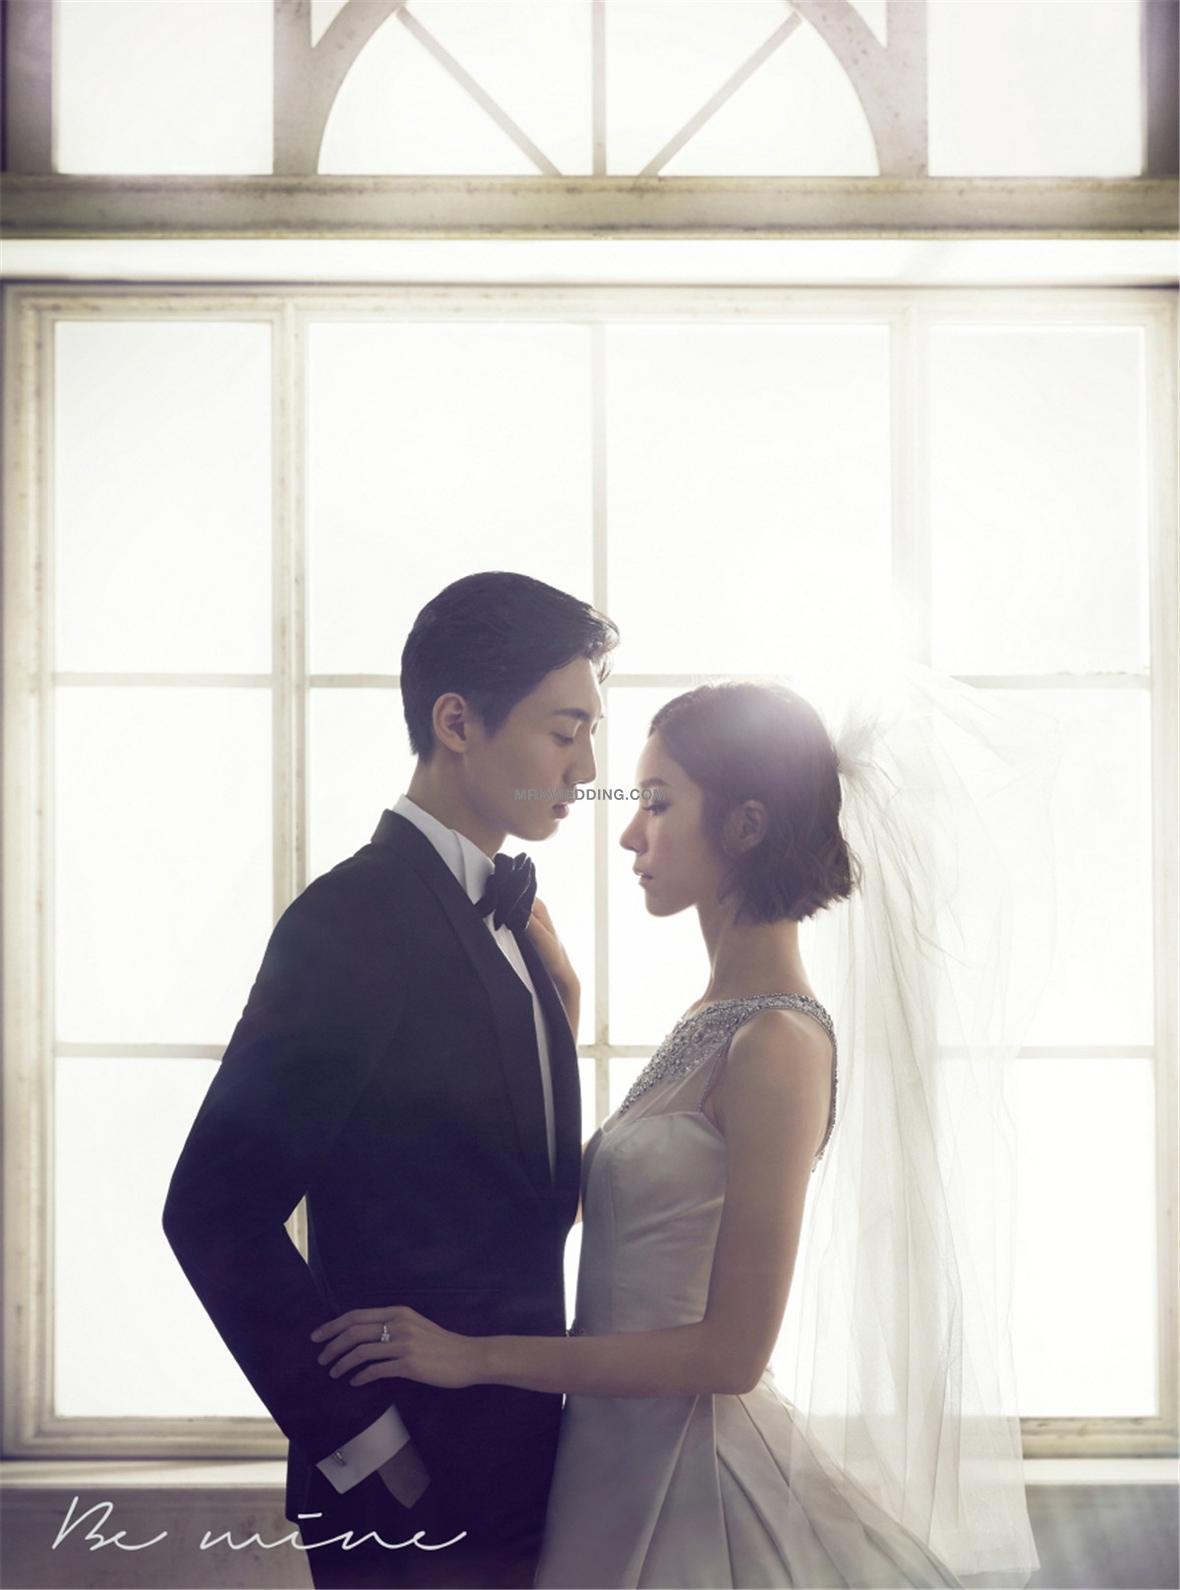 韩国婚纱照2.jpg